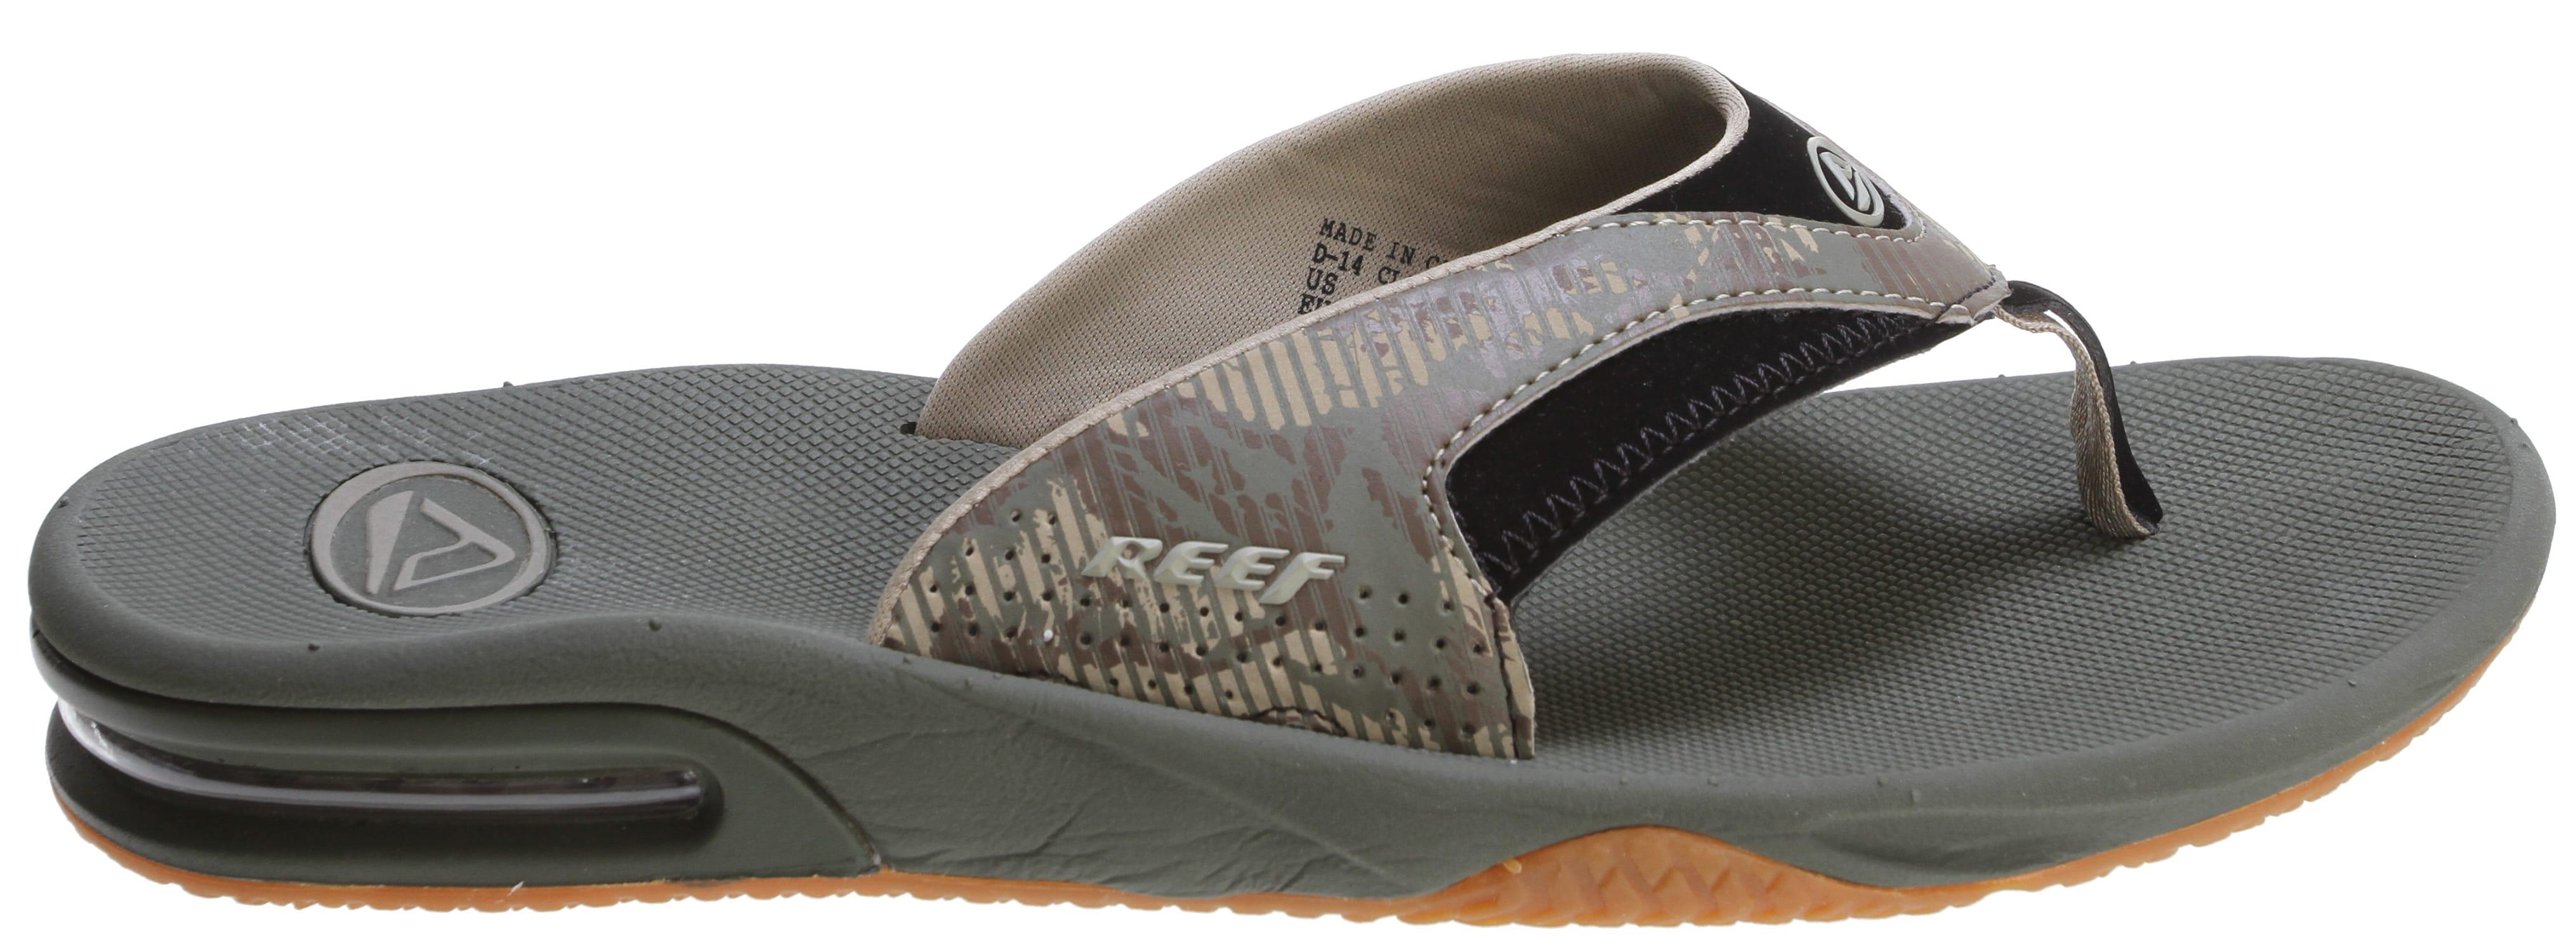 Fanning Reef Prints Reef Fanning Reef Prints Sandals Sandals E9eHWDIb2Y